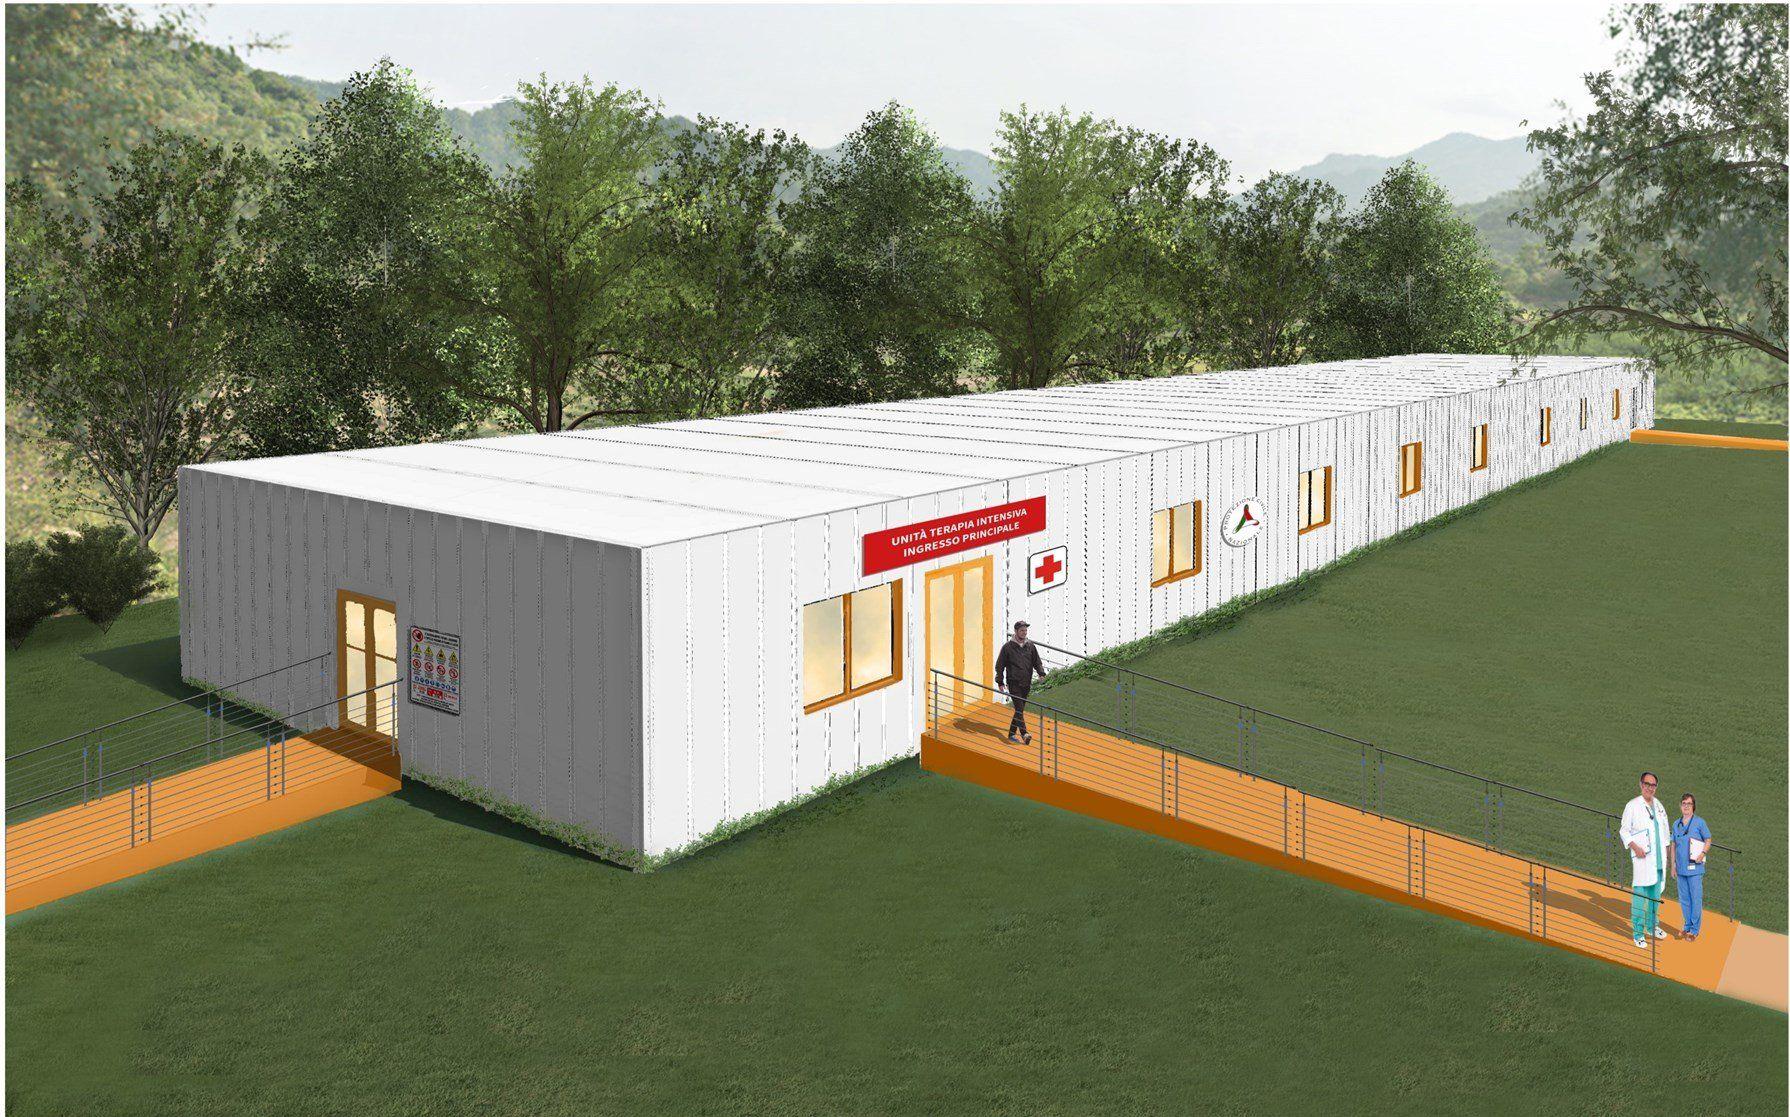 Modulo ospedaliero polifunzionale: la soluzione proposta da Manni Green Tech per l'emergenza Covid-19